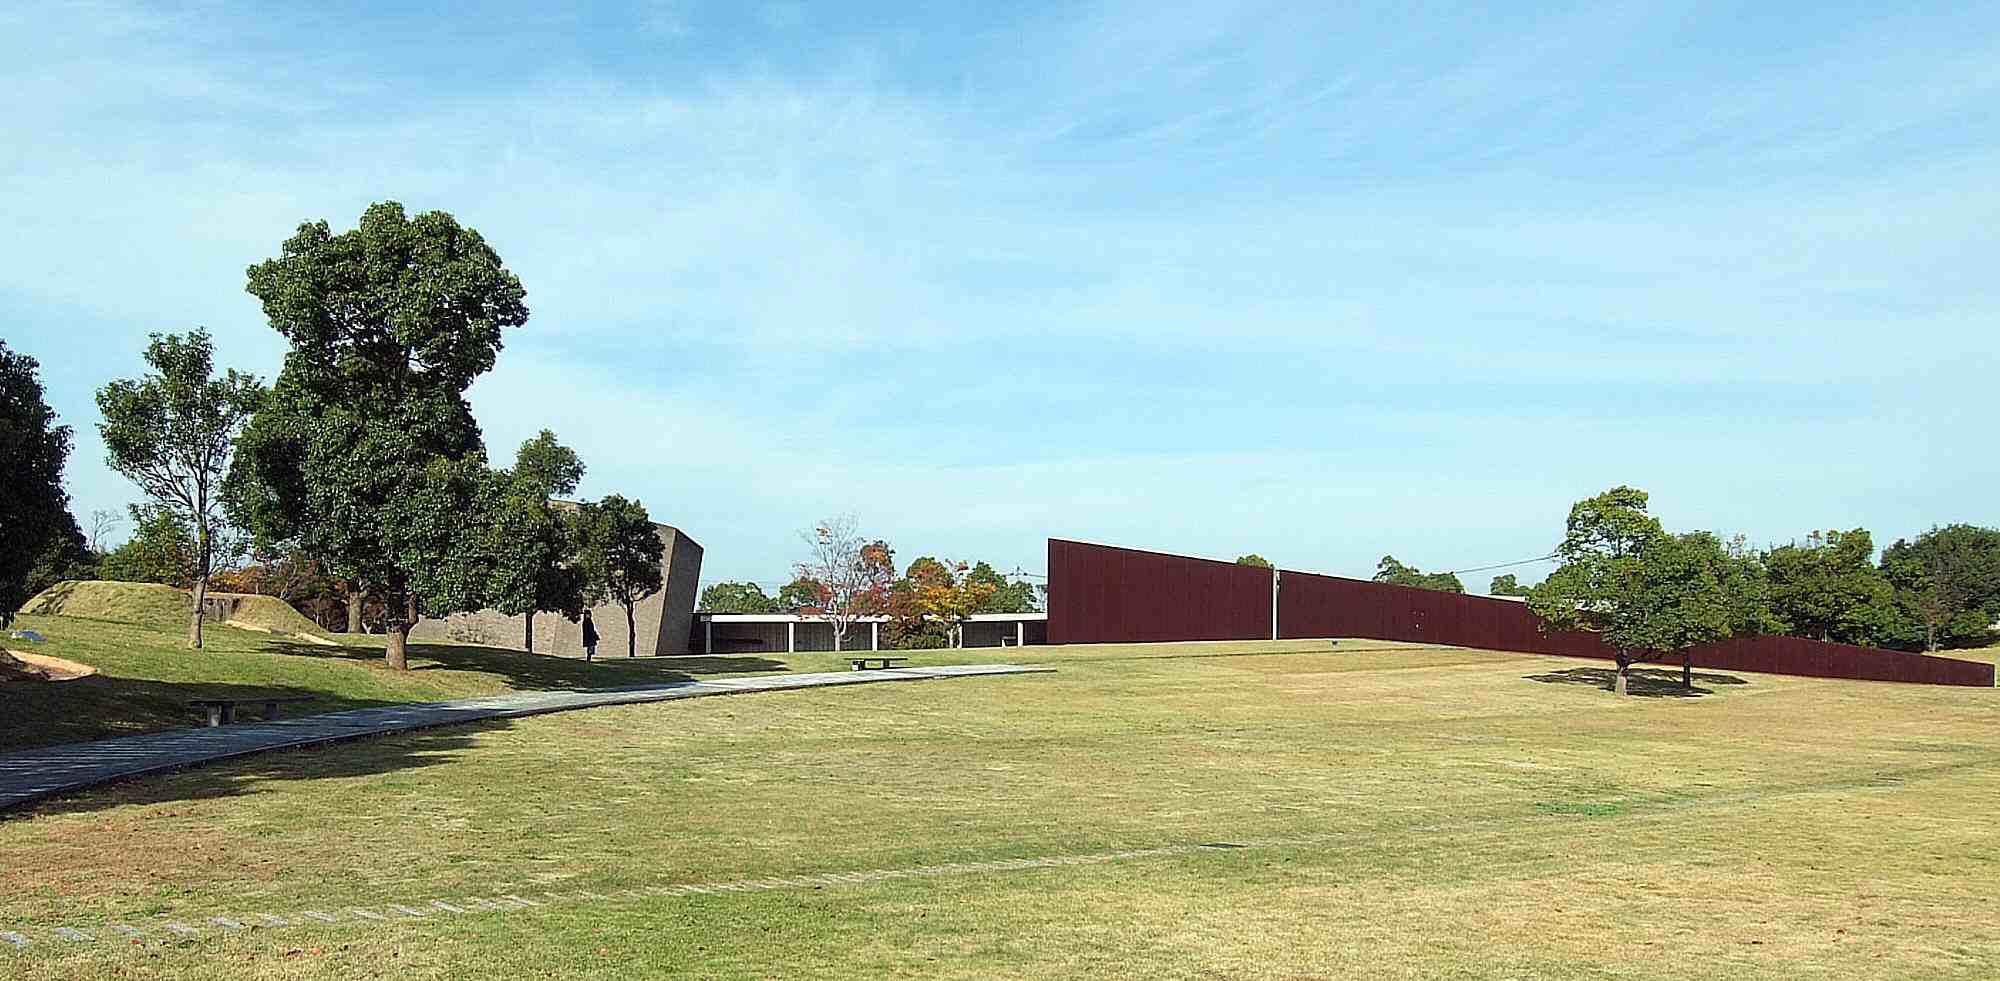 Kaze-no-Oka crematorio se integra en el paisaje